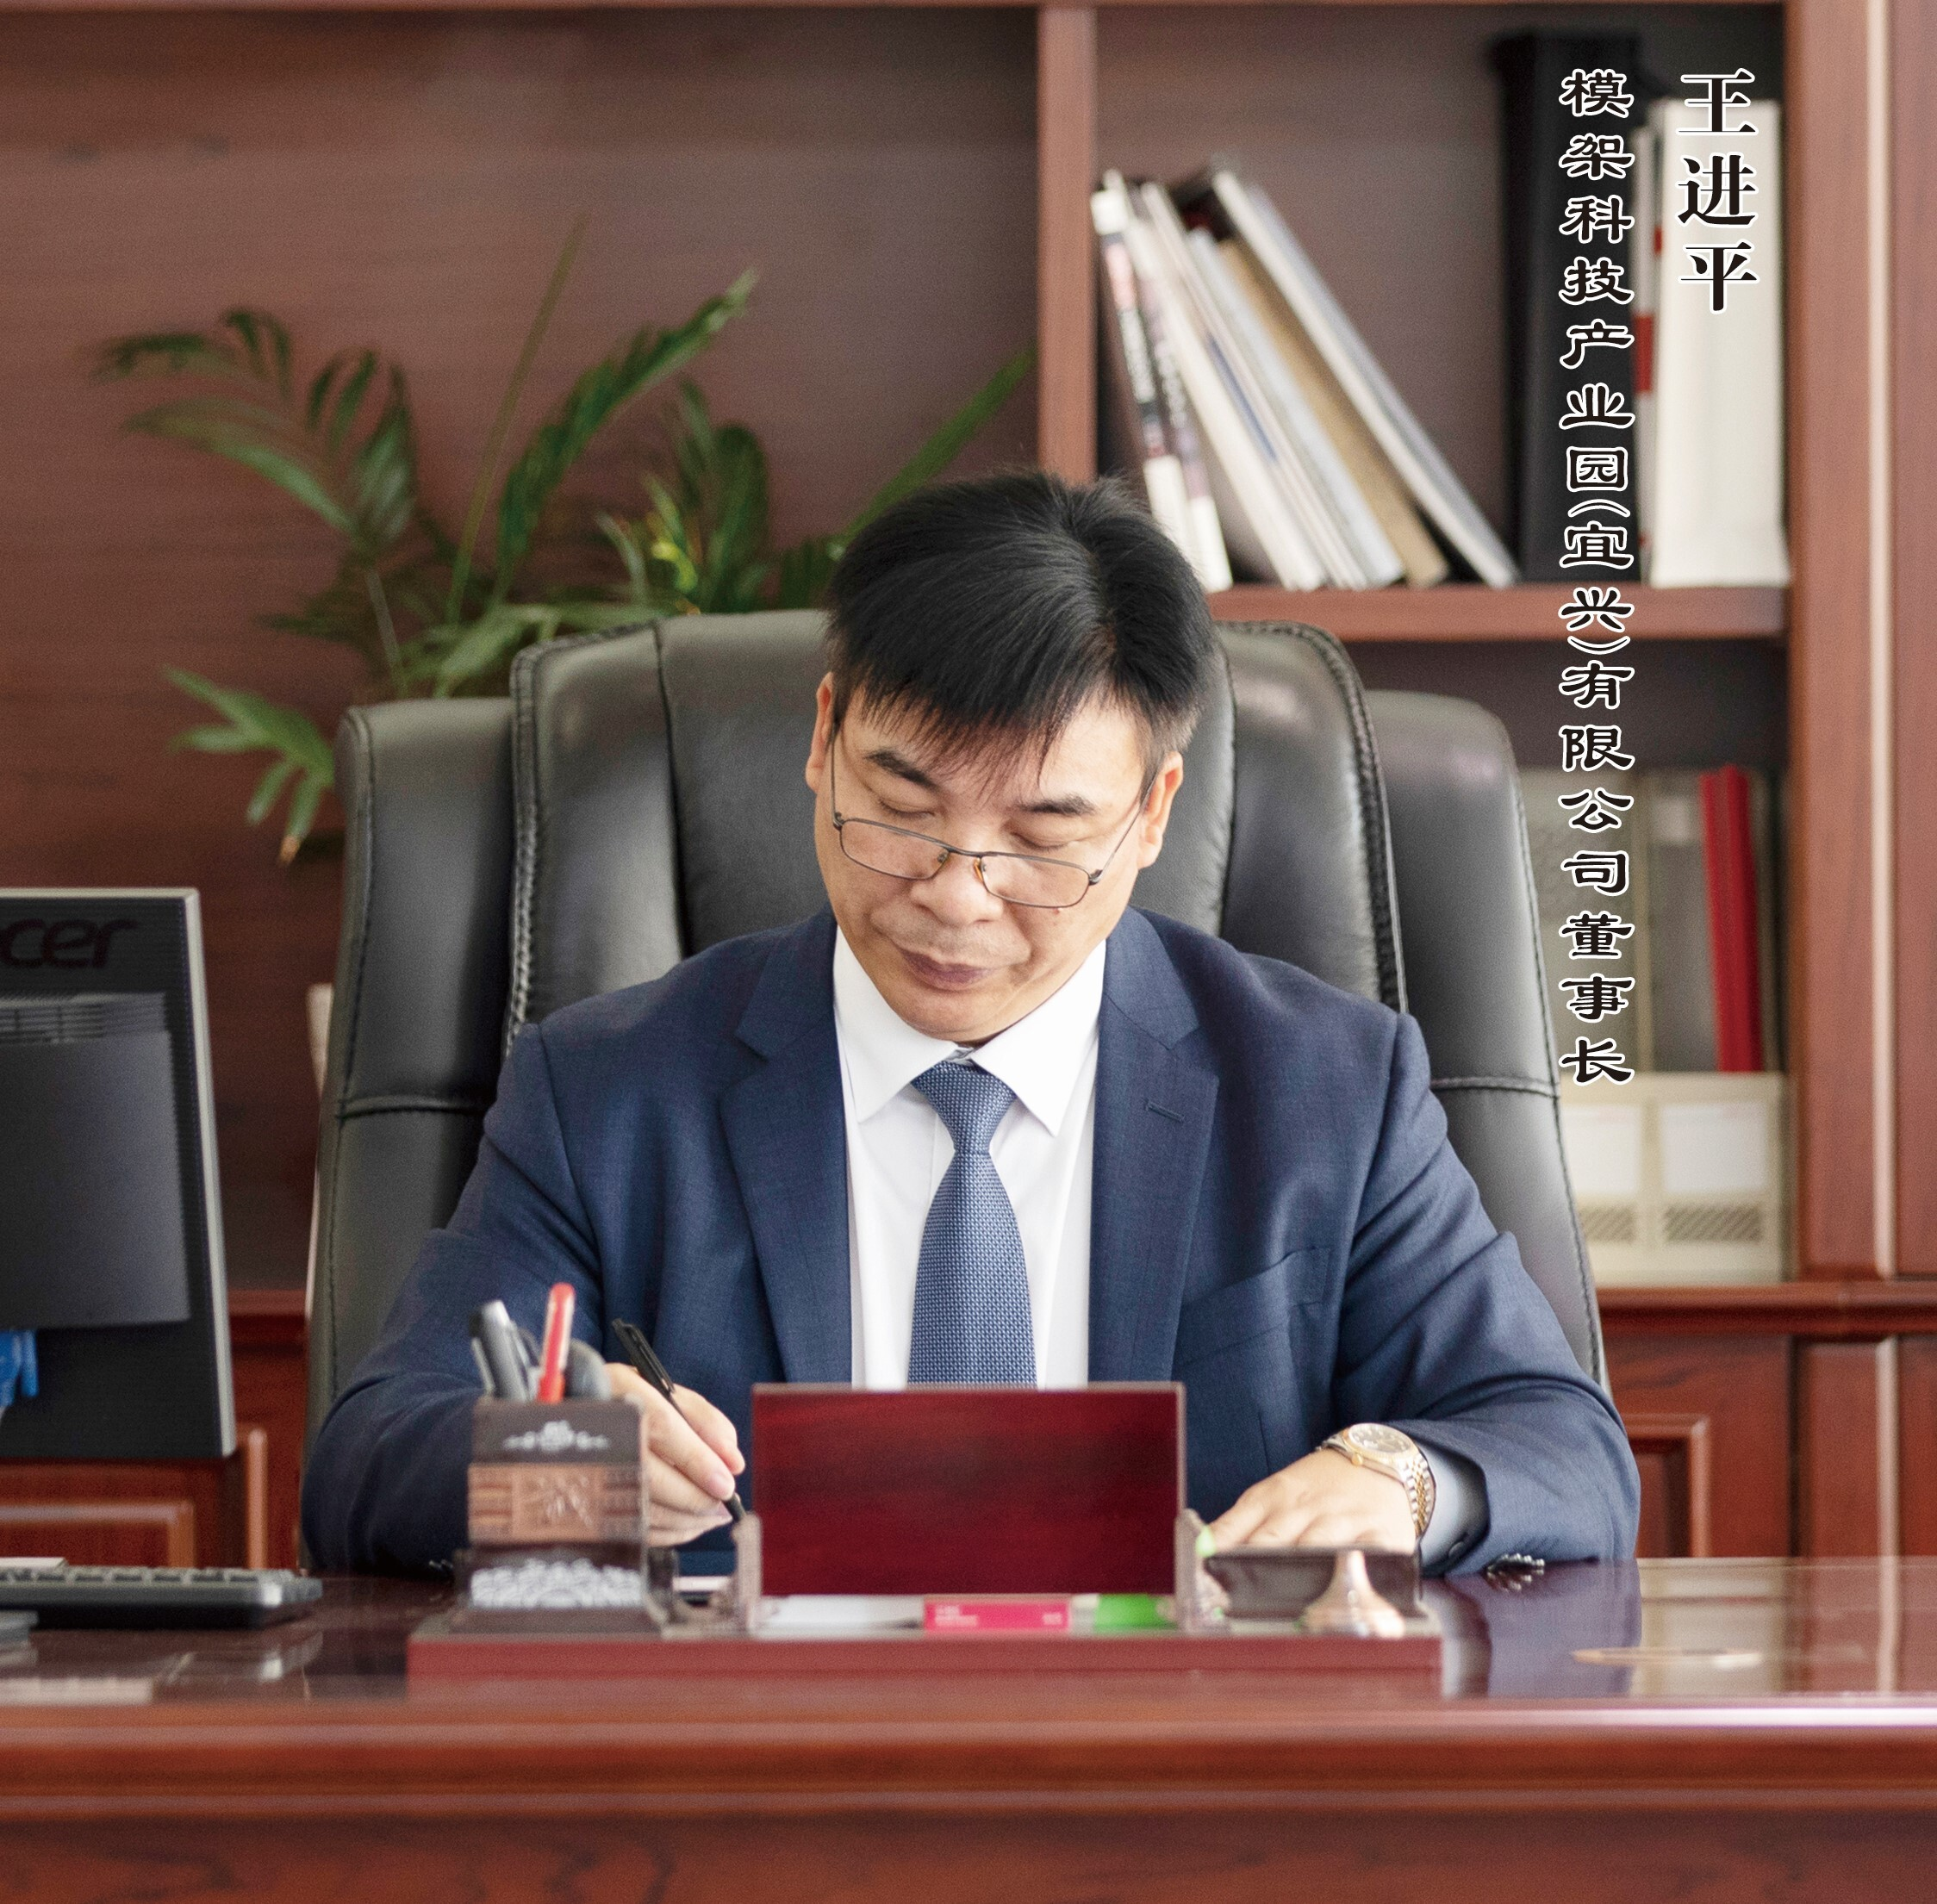 模架科技产业园(宜兴)有限公司董事长王进平